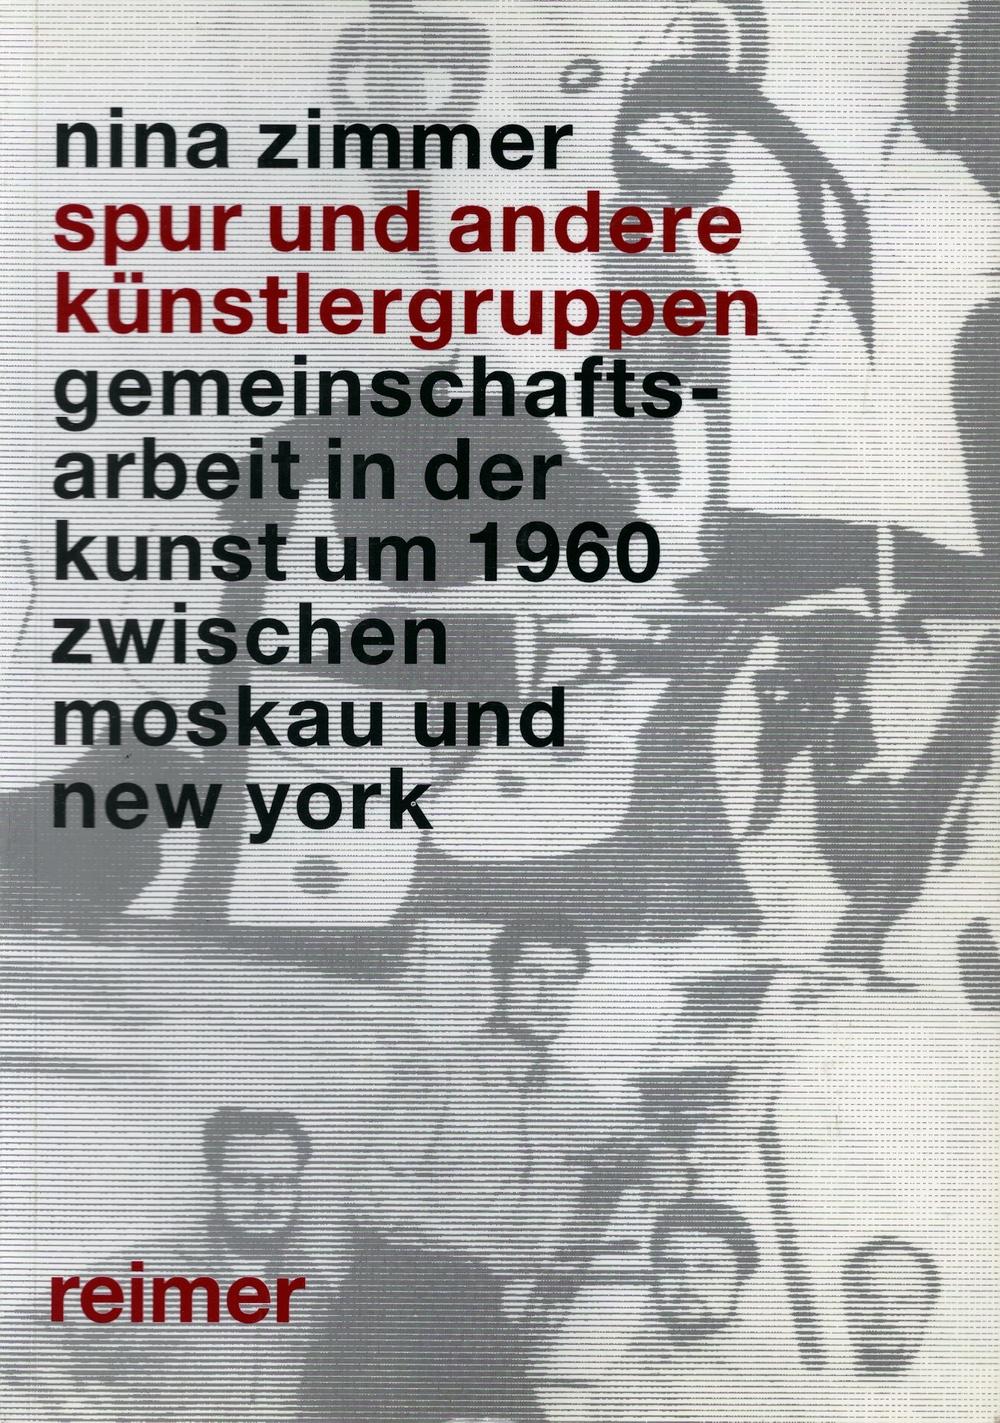 Nina Zimmer,Spur und andere Künstlergruppen, reiner, 2002